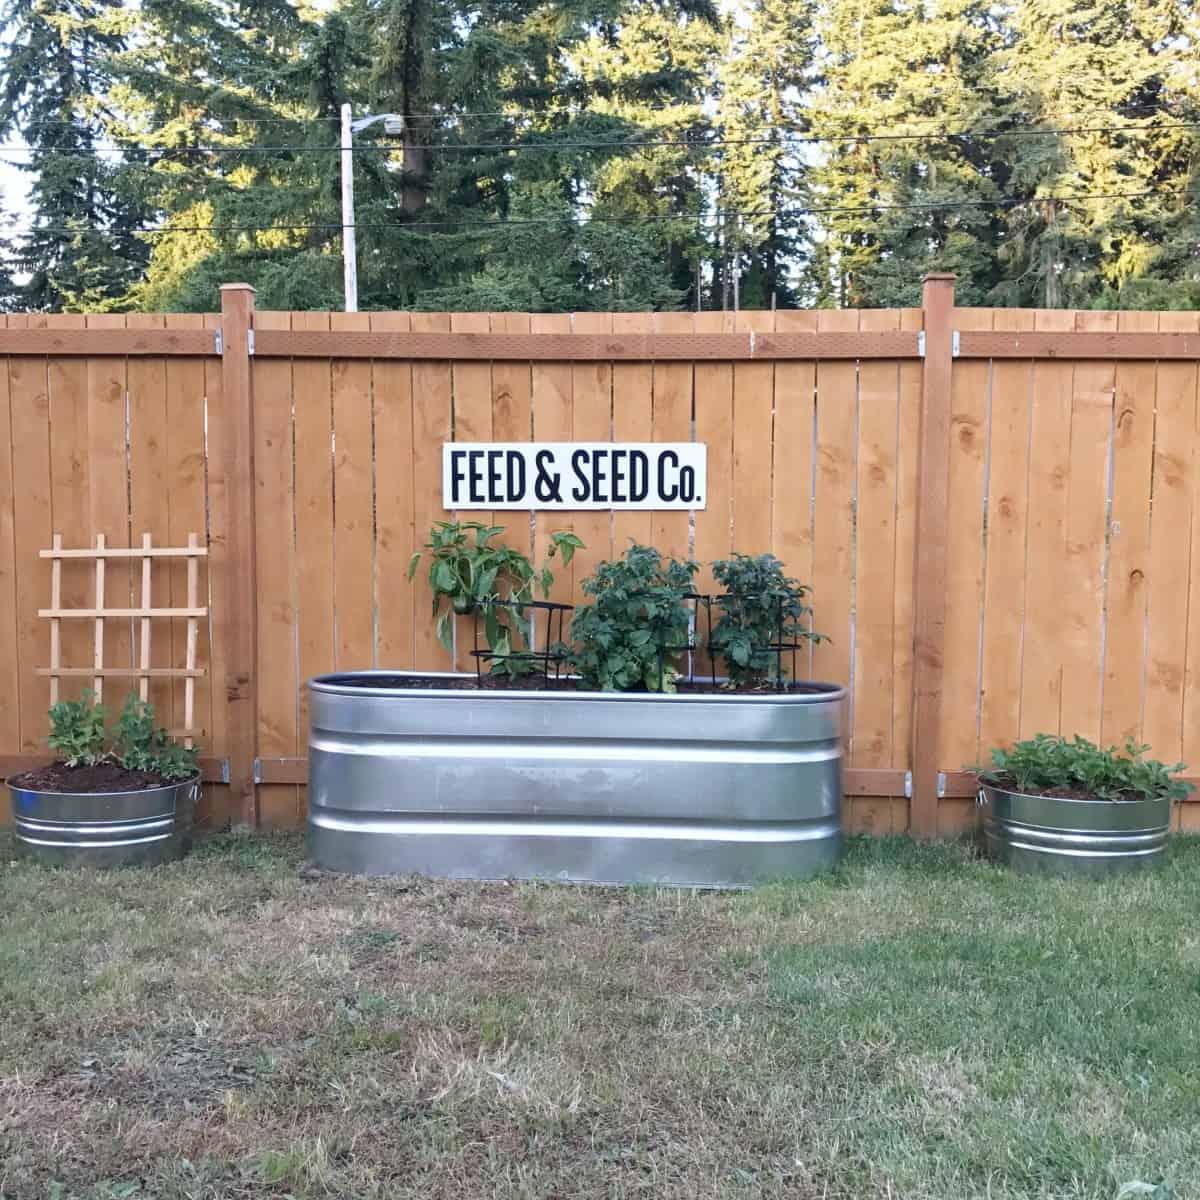 Dreaming of Homemaking DIY Raised Garden